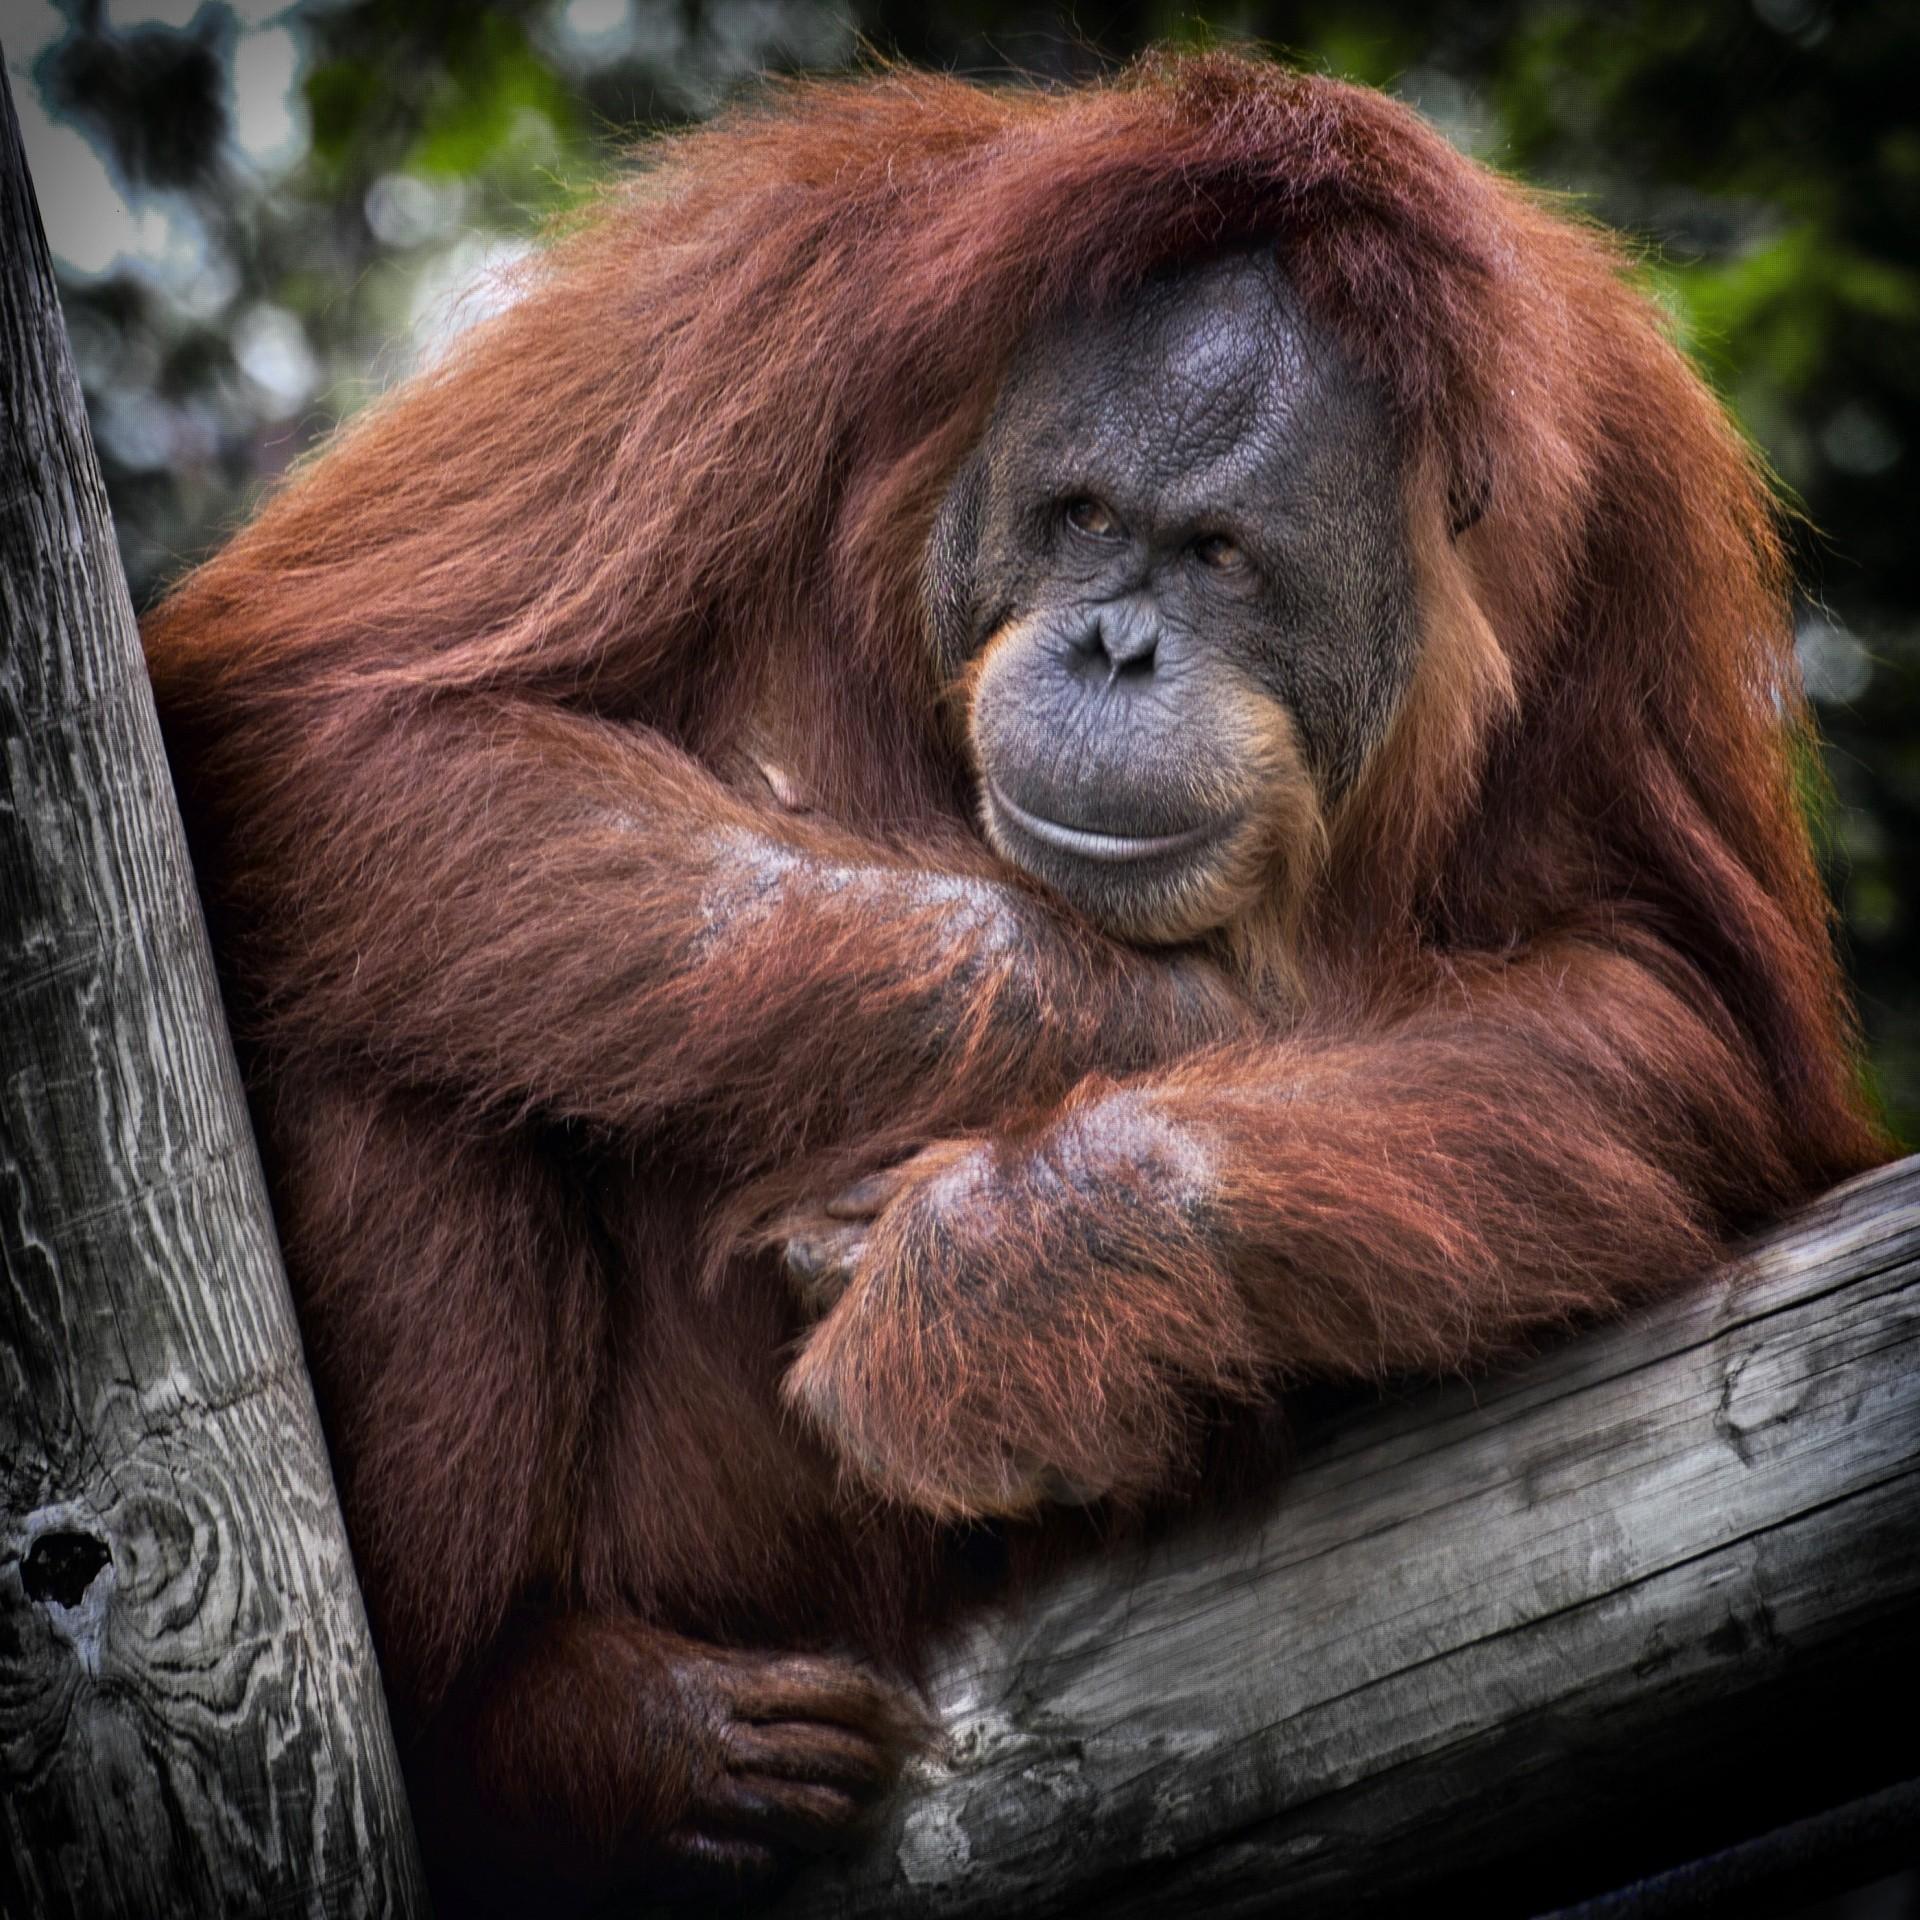 「再近一點我看看」紅毛猩猩直盯遊客傷疤,溫暖眼神治癒人心(圖/cc0)